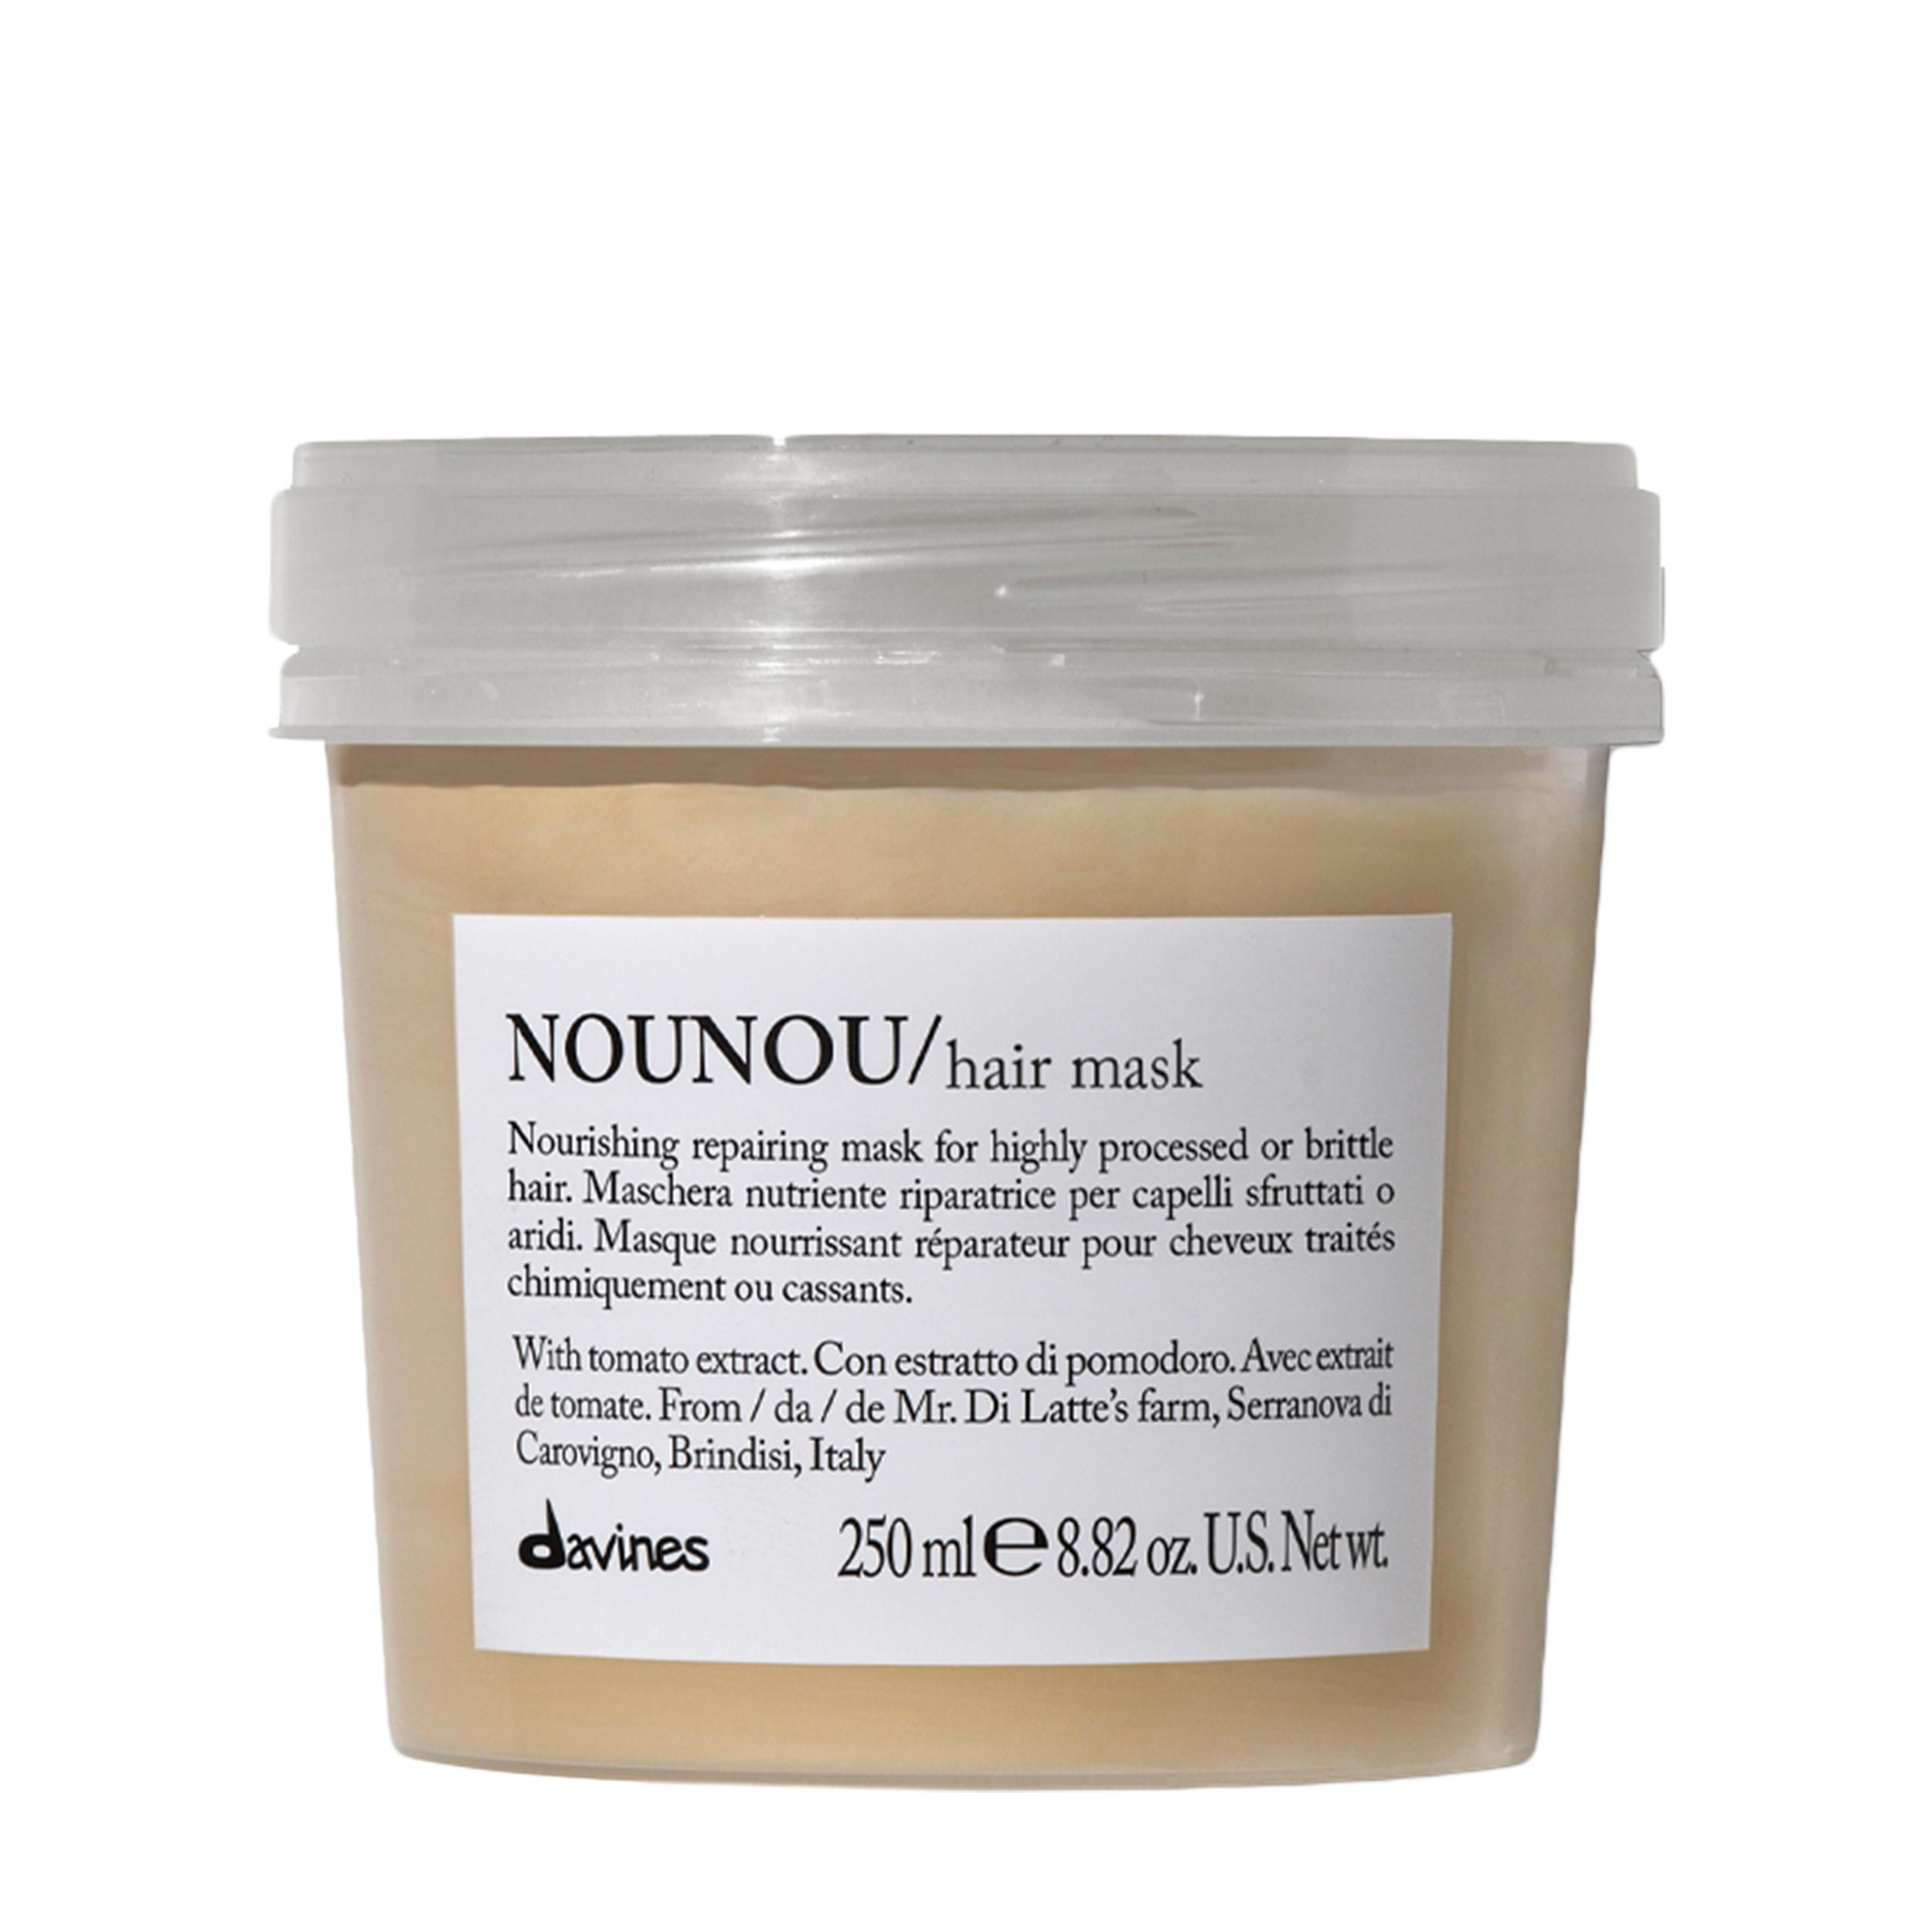 Davines Интенсивная восстанавливающая маска «NOUNOU» 250 мл фото